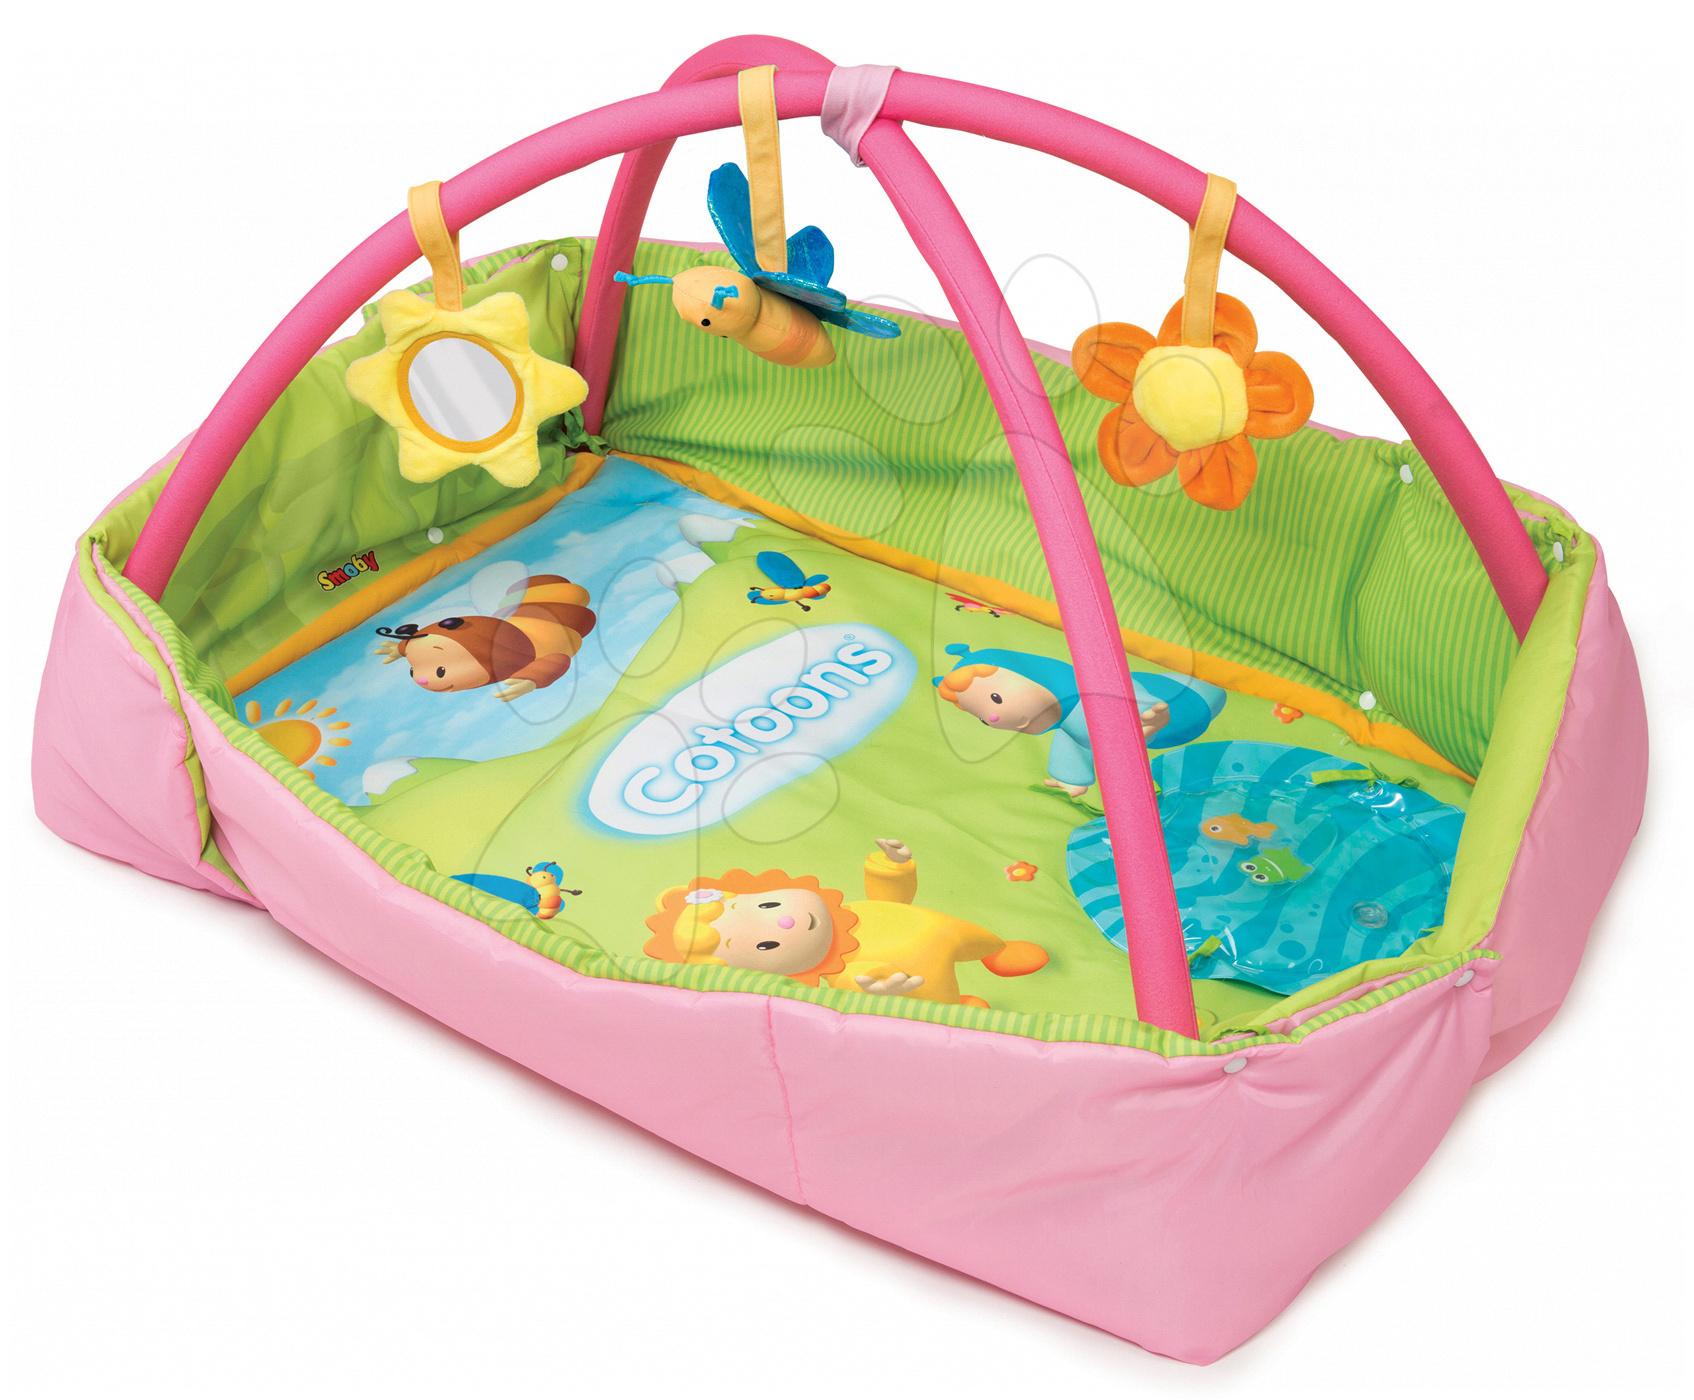 Hrazdičky a hrací deky - Hrací deka s hrazdou Cotoons Discovery Smoby s hnízdem, chrastítky a rybníkem pro nejmenší růžová